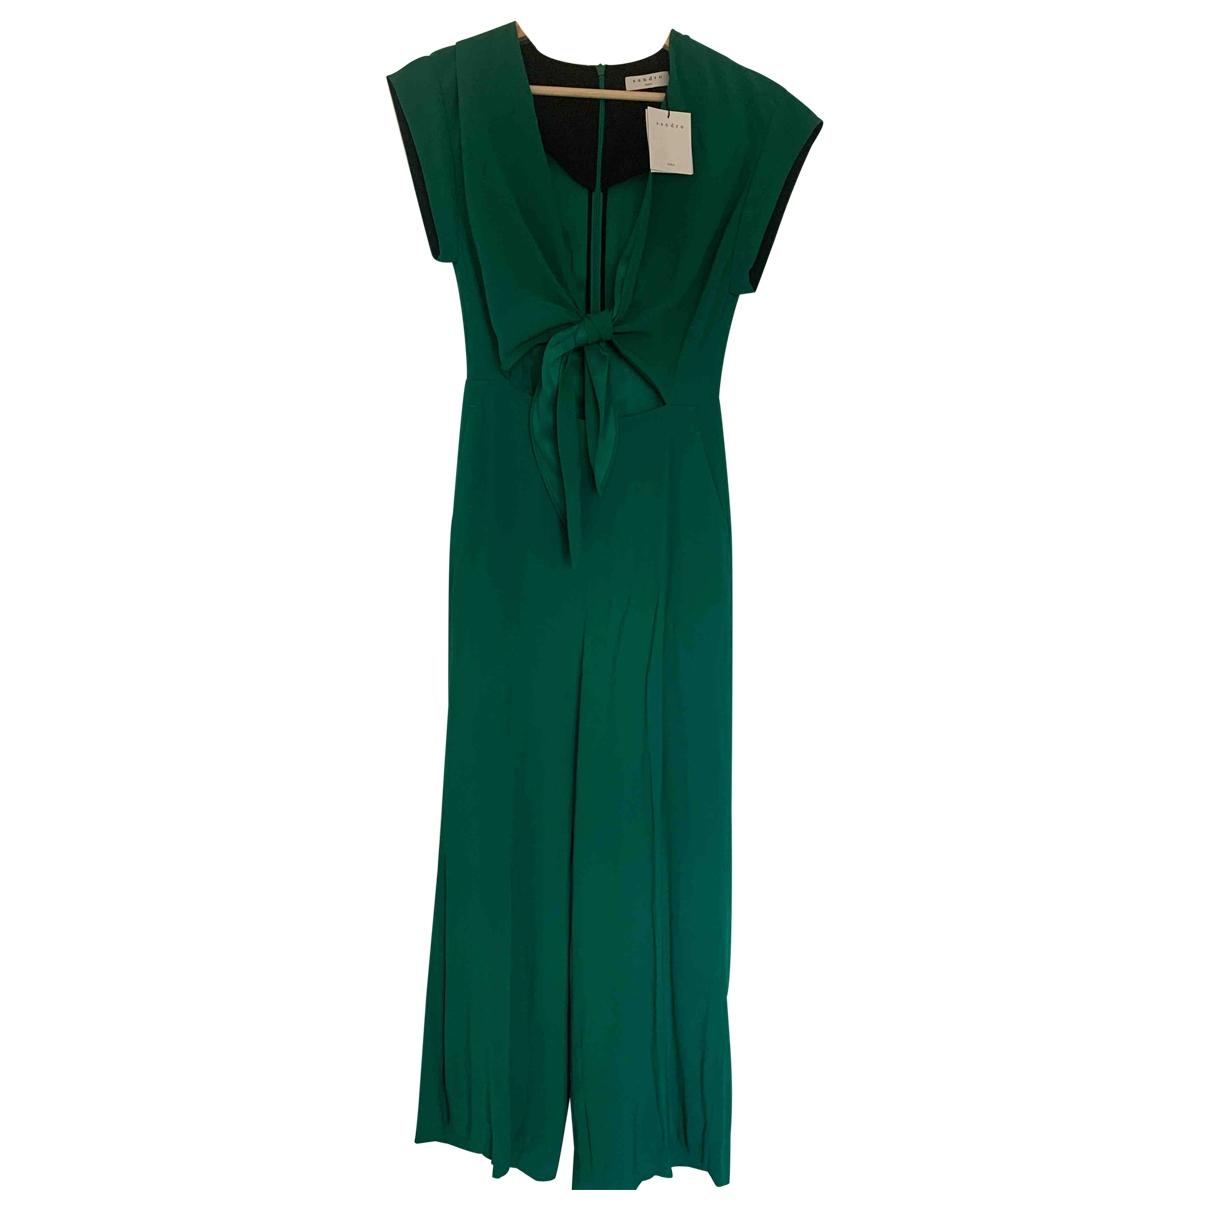 Sandro \N Green jumpsuit for Women 1 0-5